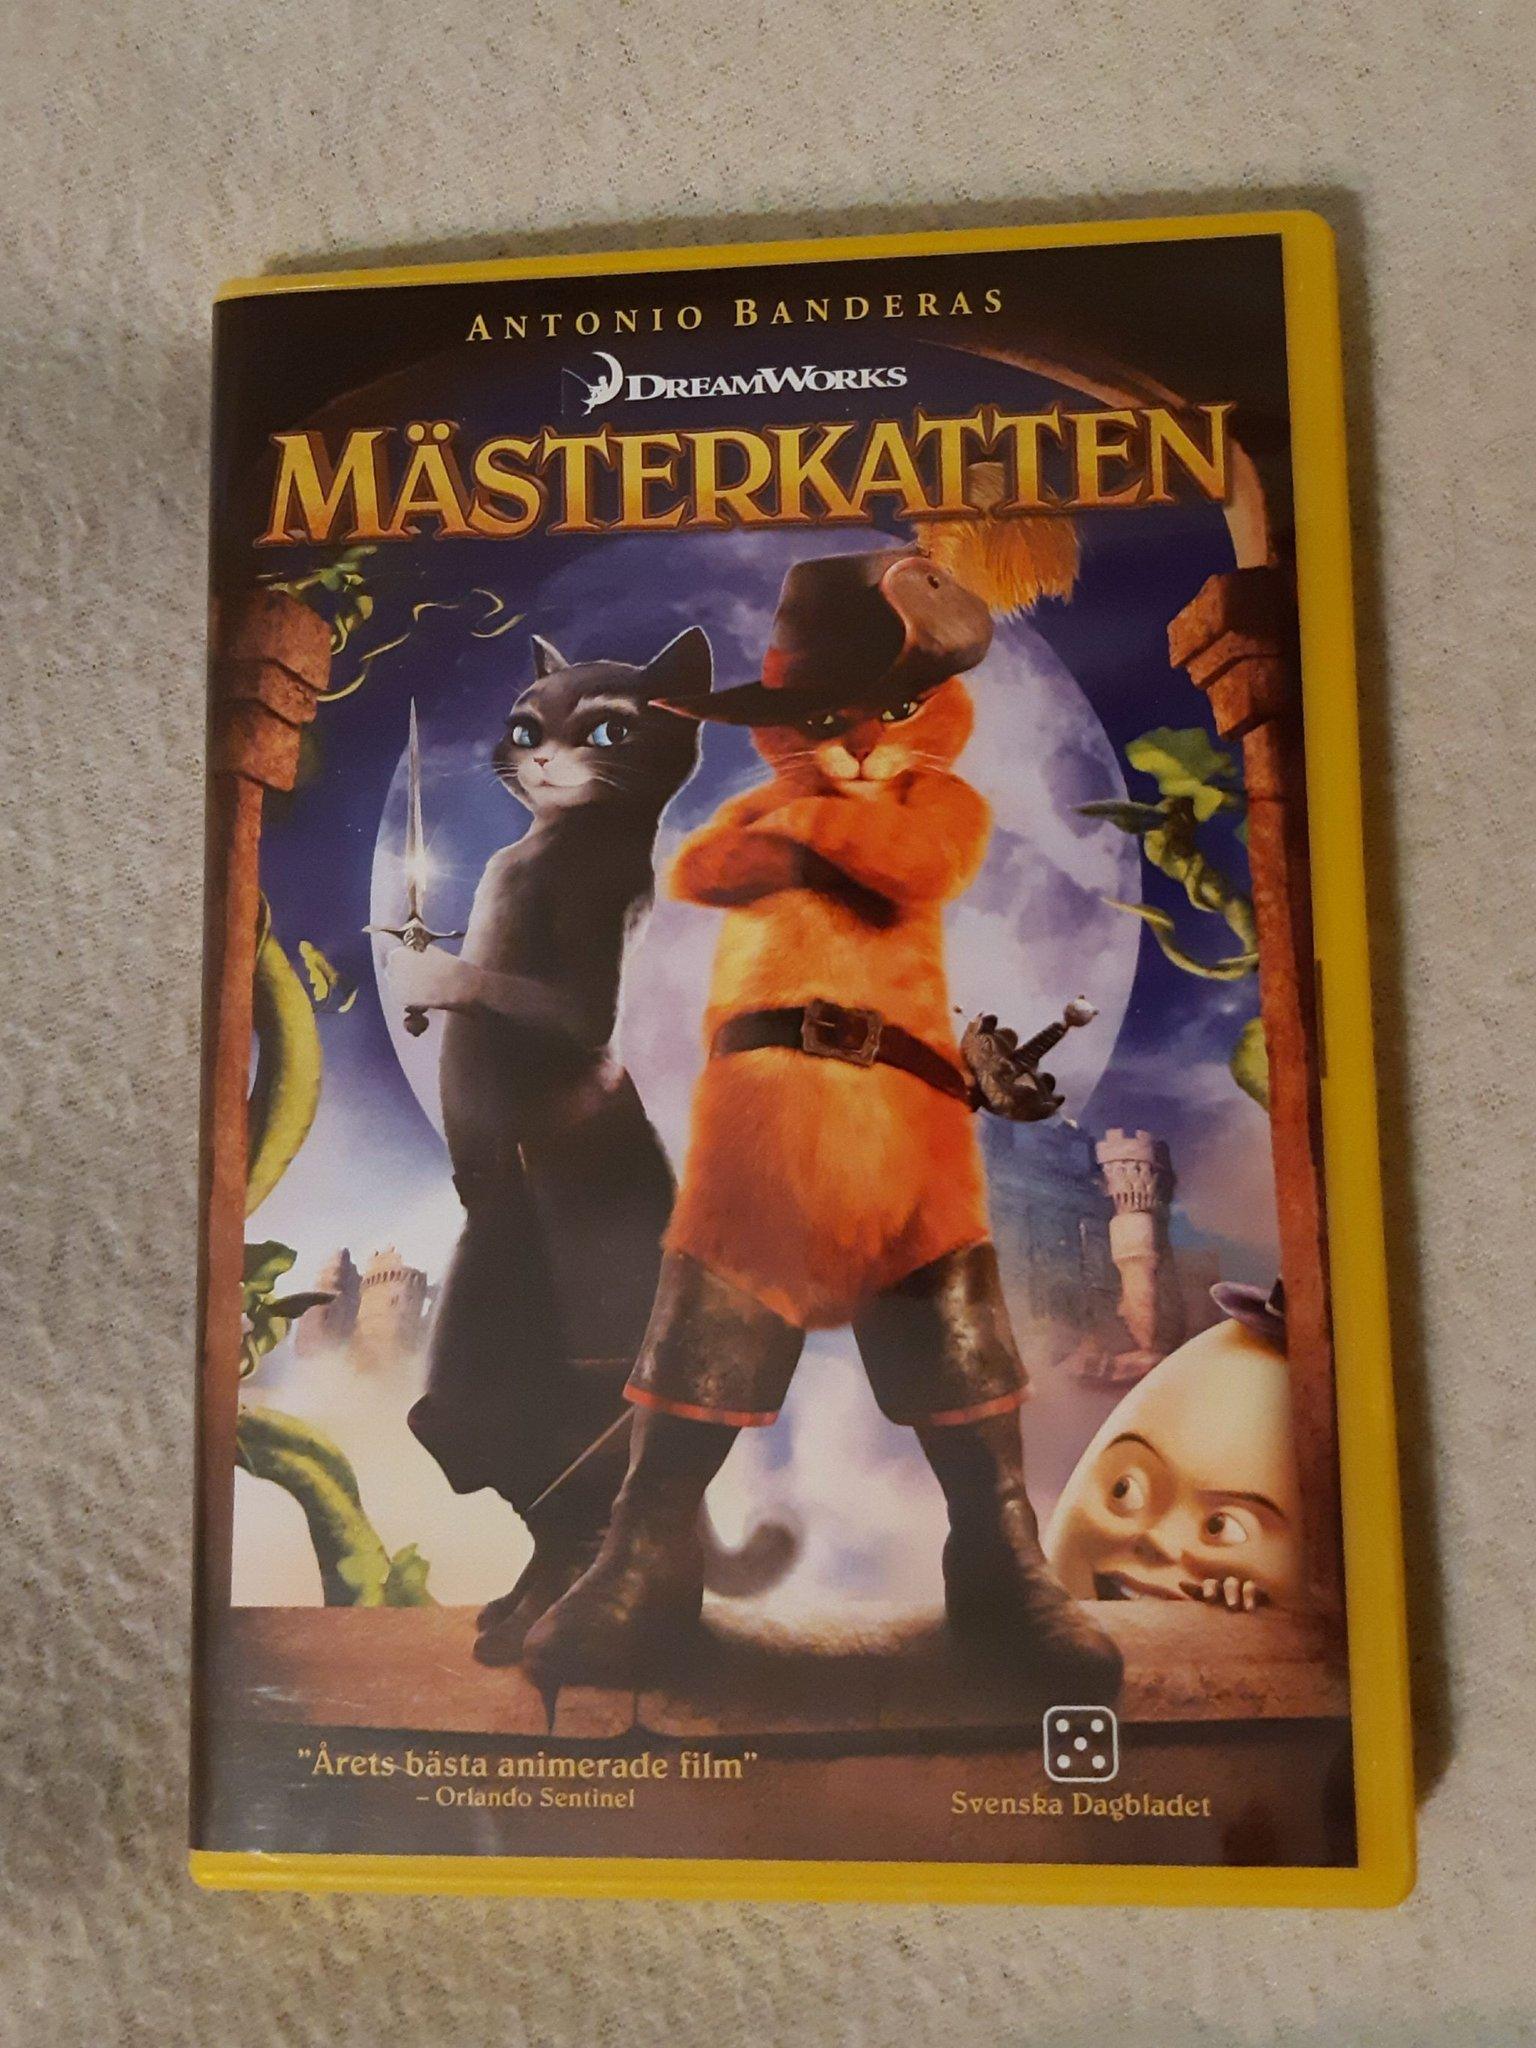 Mästerkatten (2011) | MovieZine